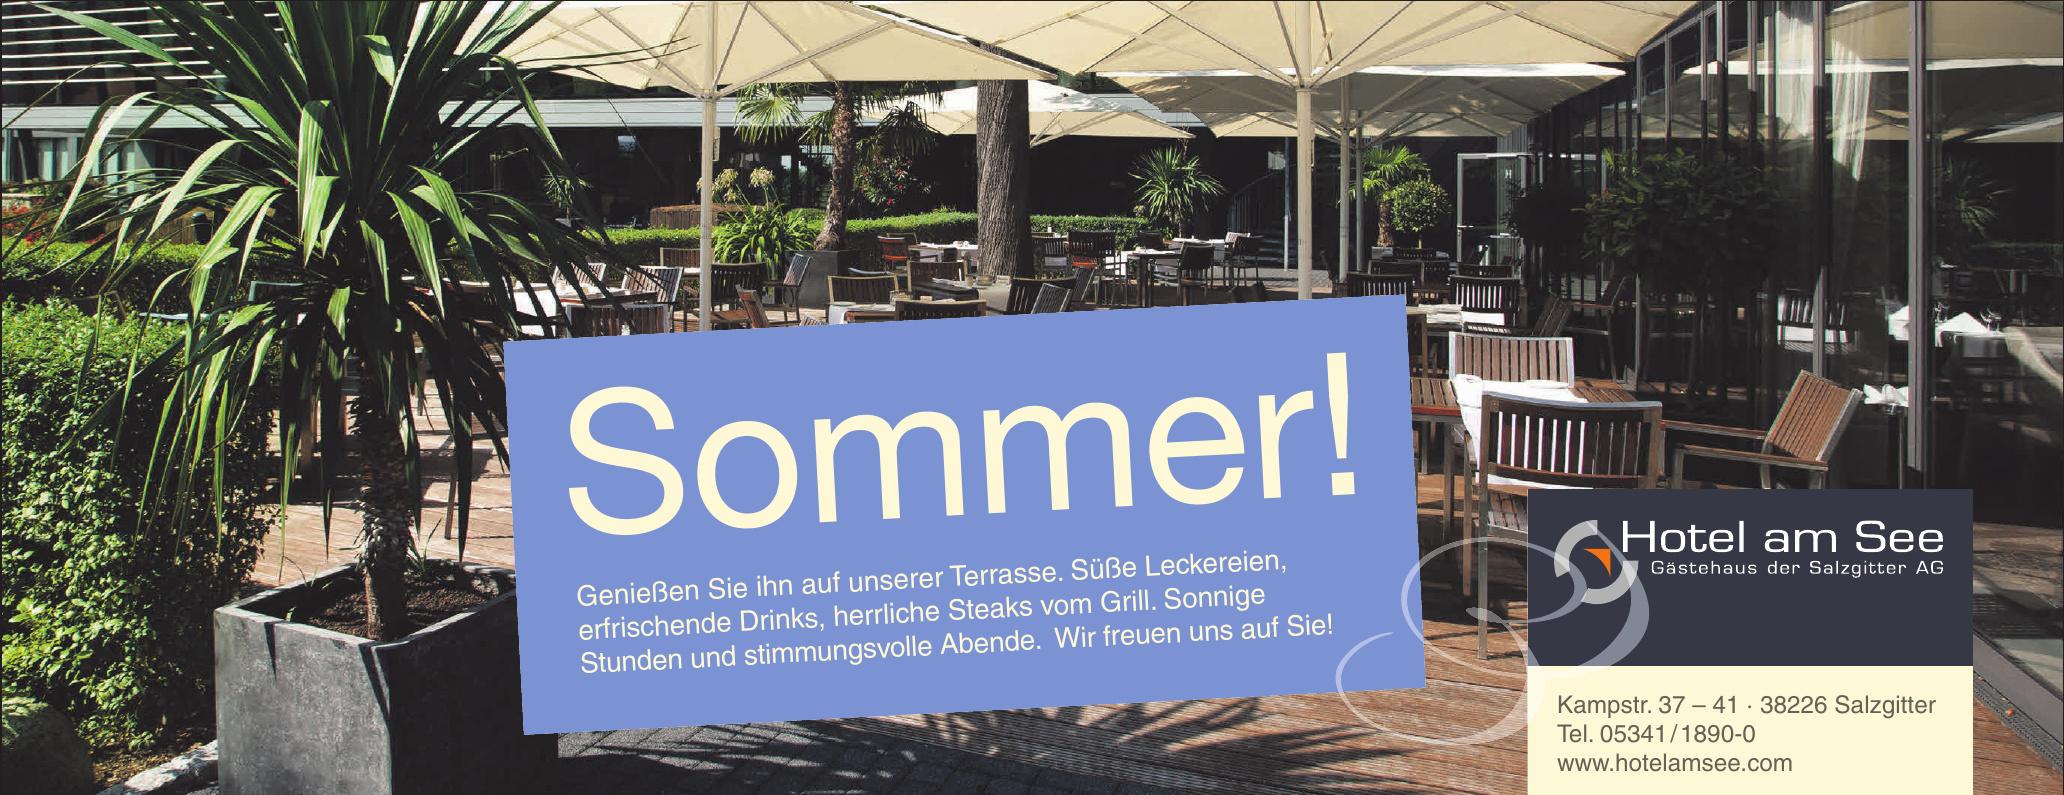 Hotel am See, Gästehaus der Salzgitter AG